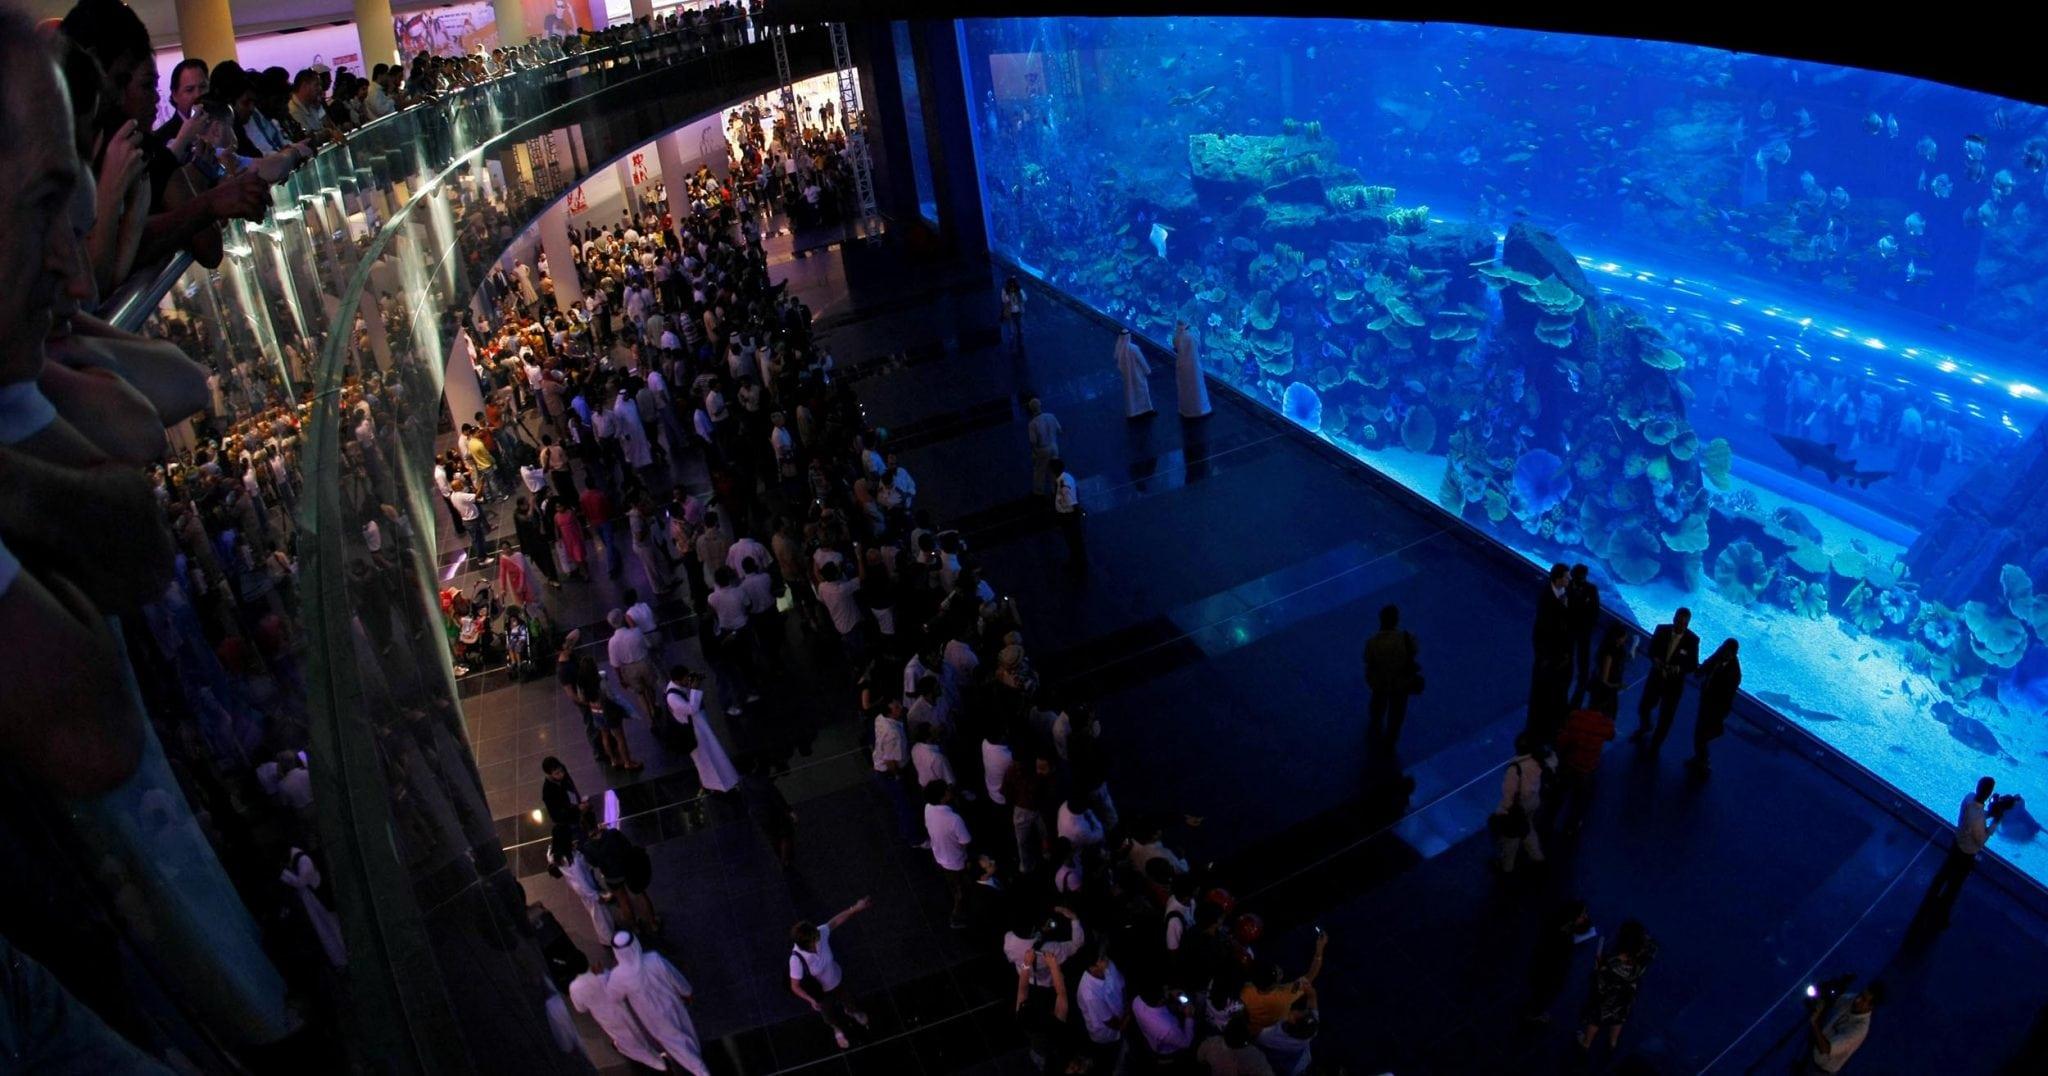 Dubai Underwater Zoo Dubai aquarium & underwater